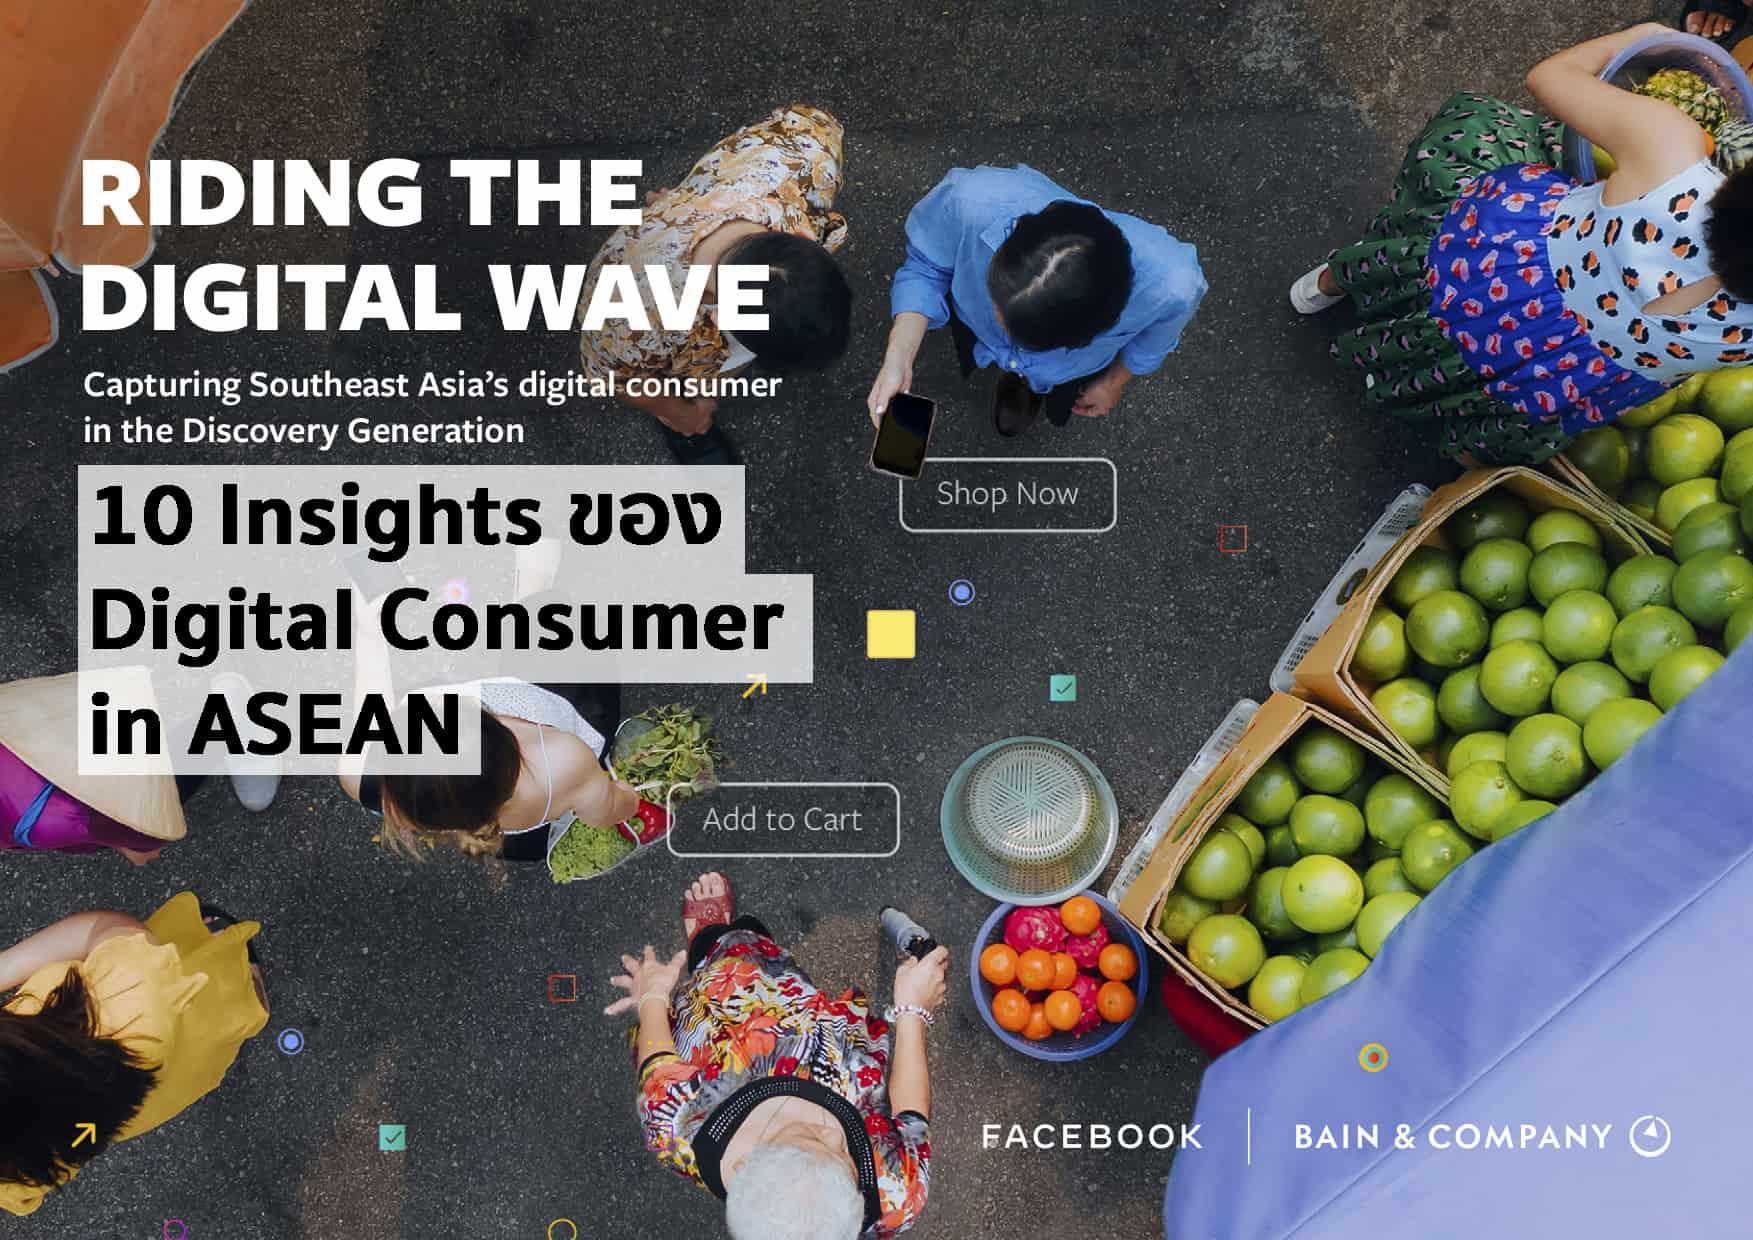 รีเสริชเจาะลึก 10 Insight Digital Consumer ASEAN 2020 ตรงจาก Facebook